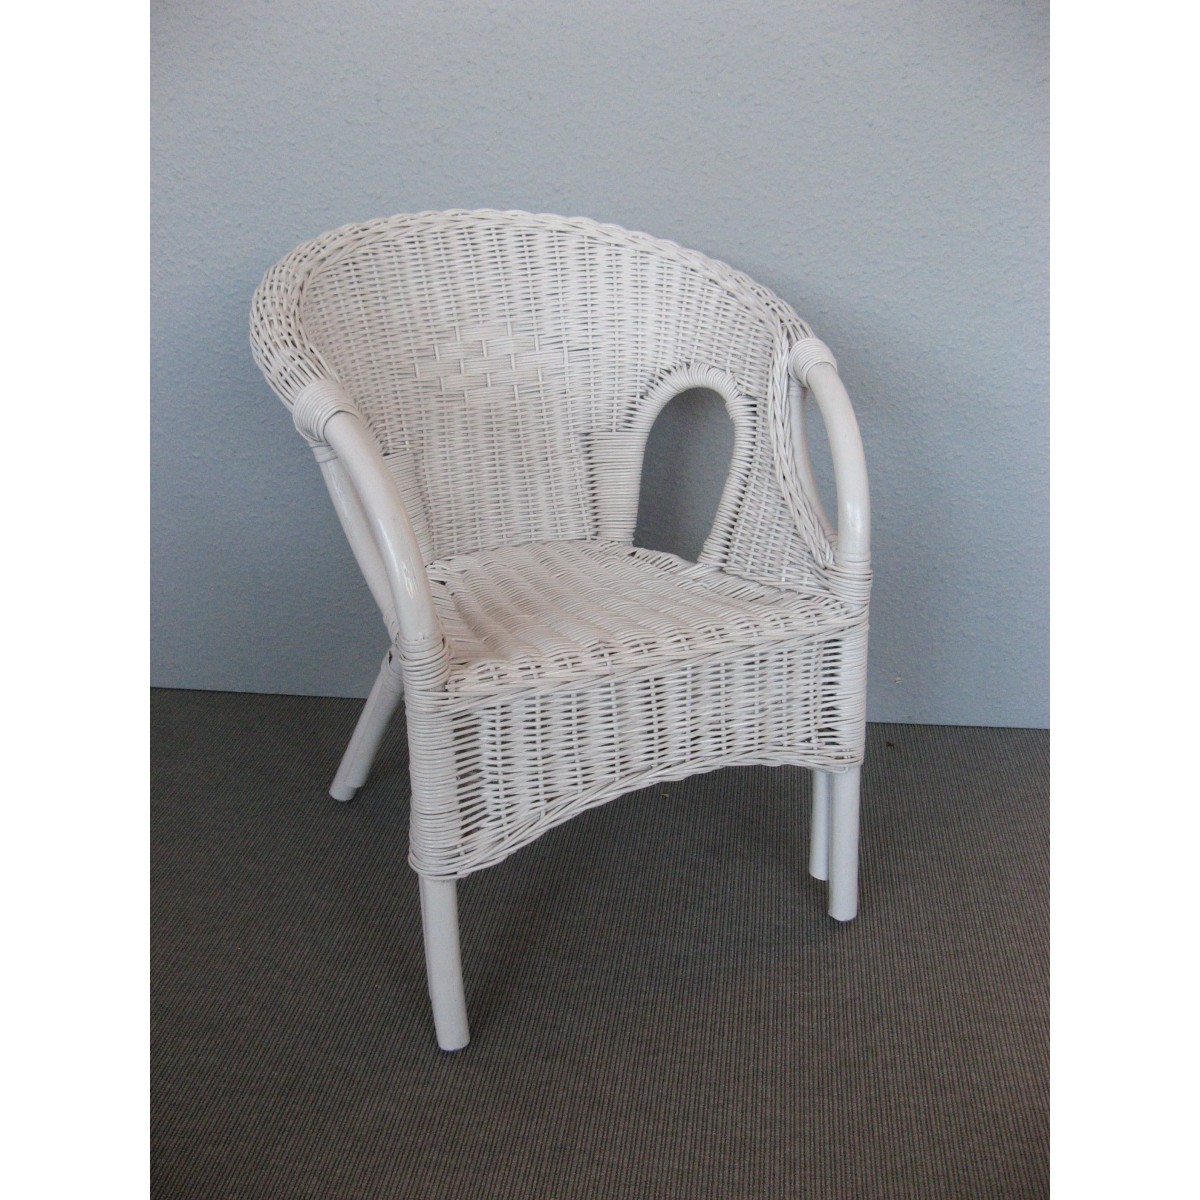 fauteuil d'enfant en rotin clowny coloris blanc